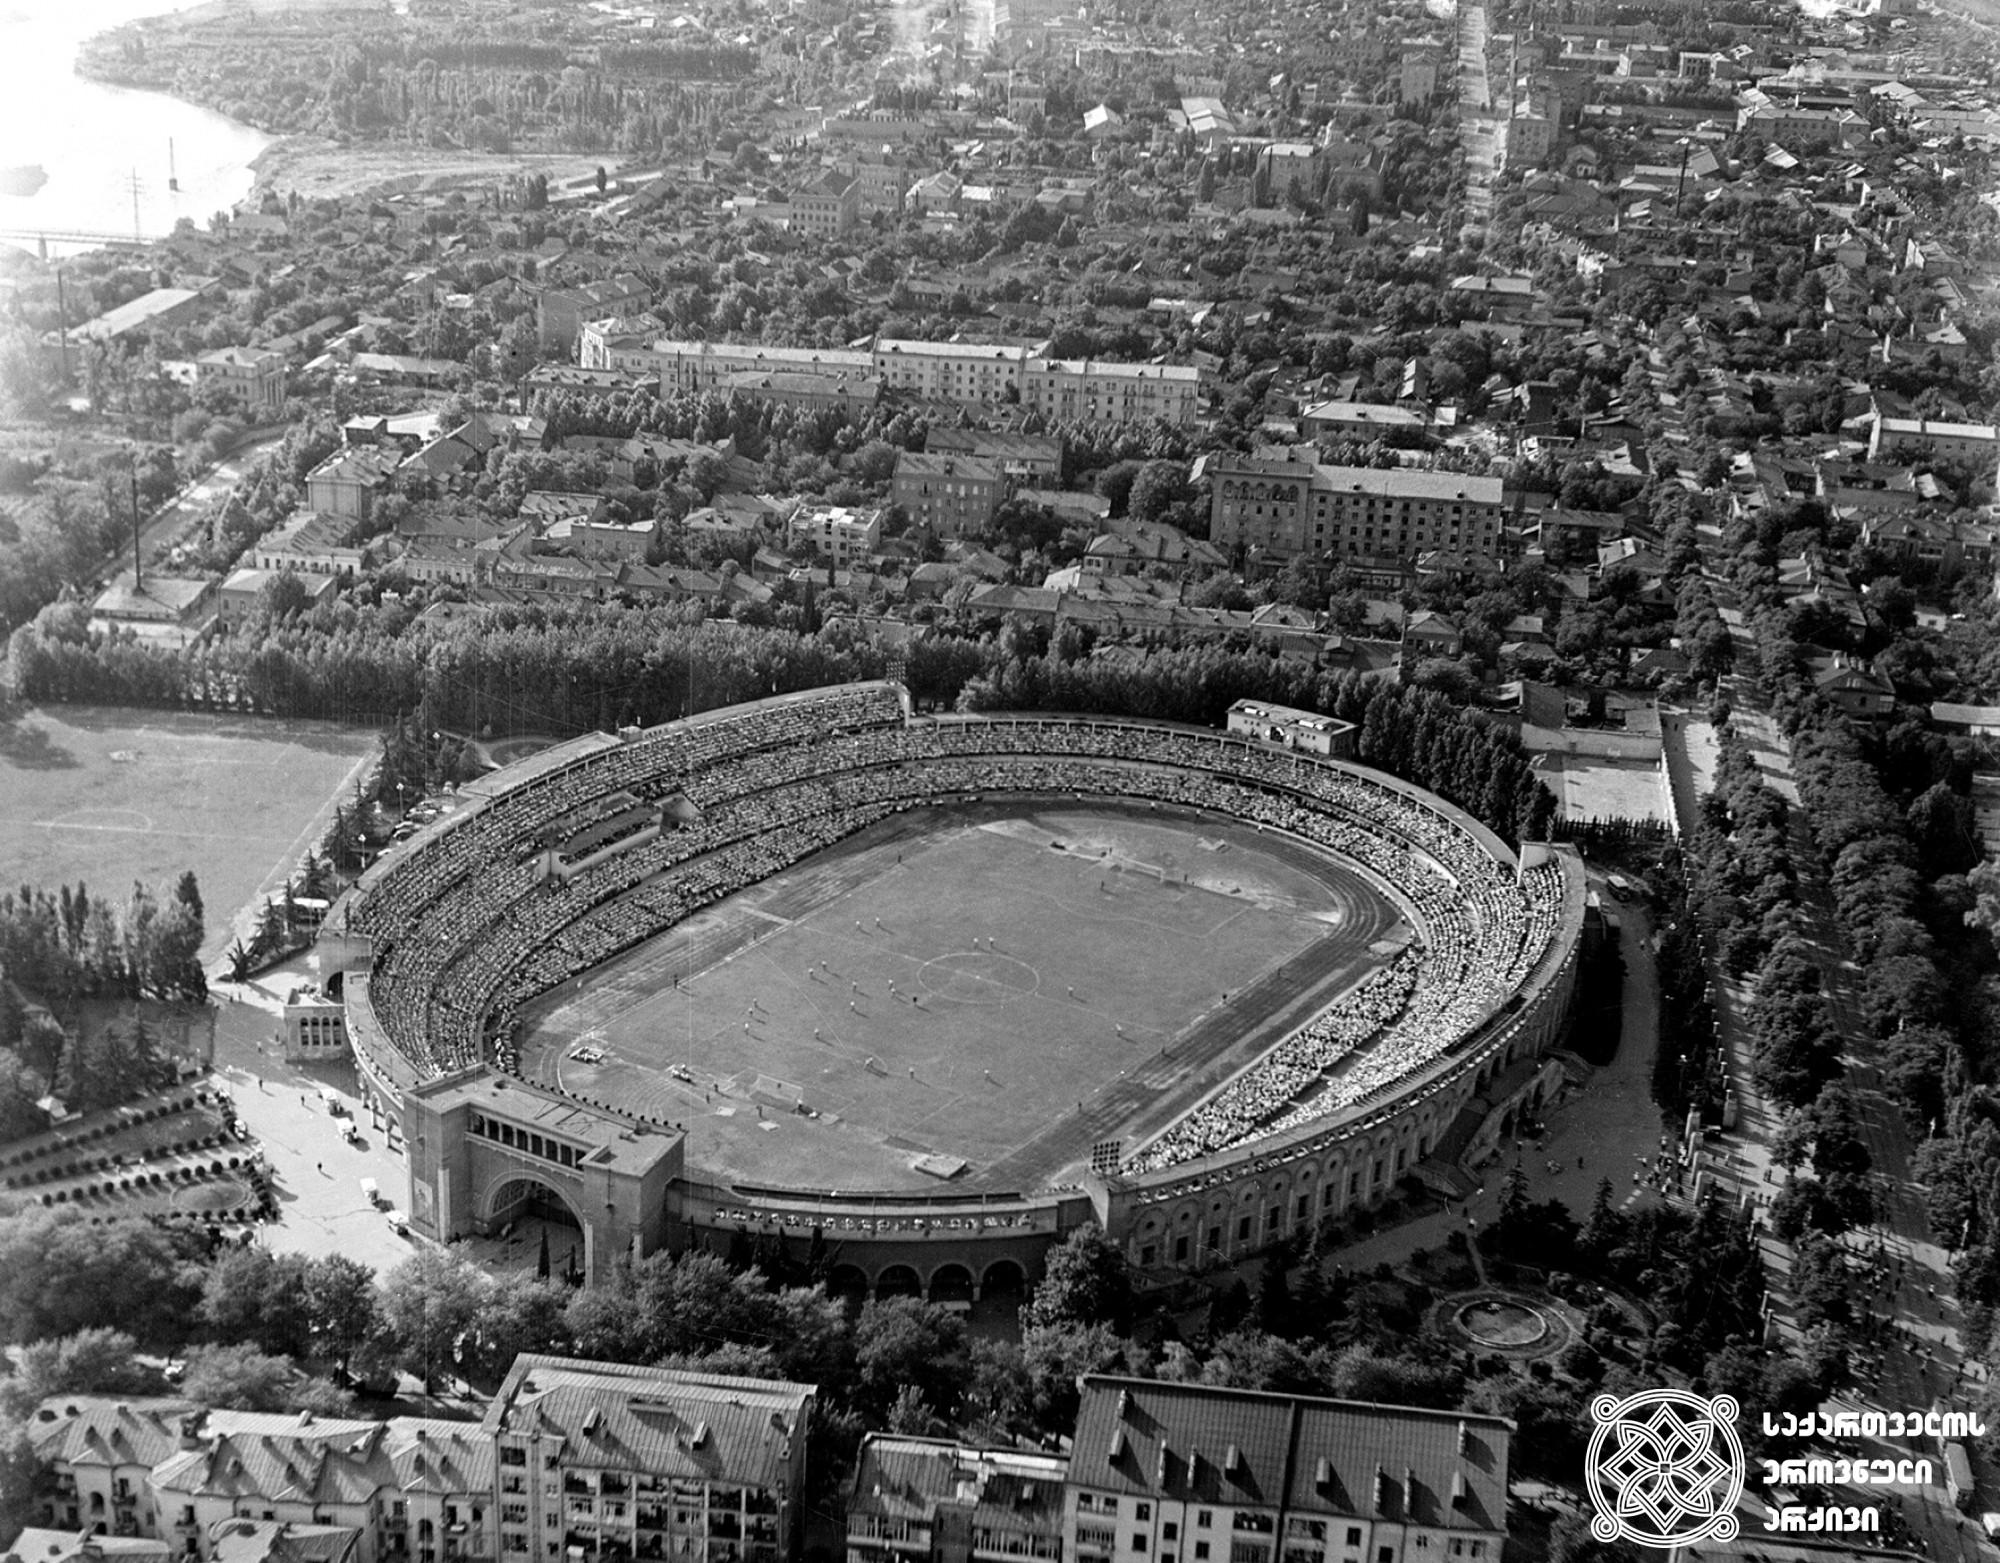 """""""დინამოს"""" სტადიონი თბილისში.<br>ფოტო: სერგო ონანოვი. 1960. <br> Stadium """"Dinamo"""" in Tbilisi. <br> Photo by Sergo Onanov. <br>1960"""